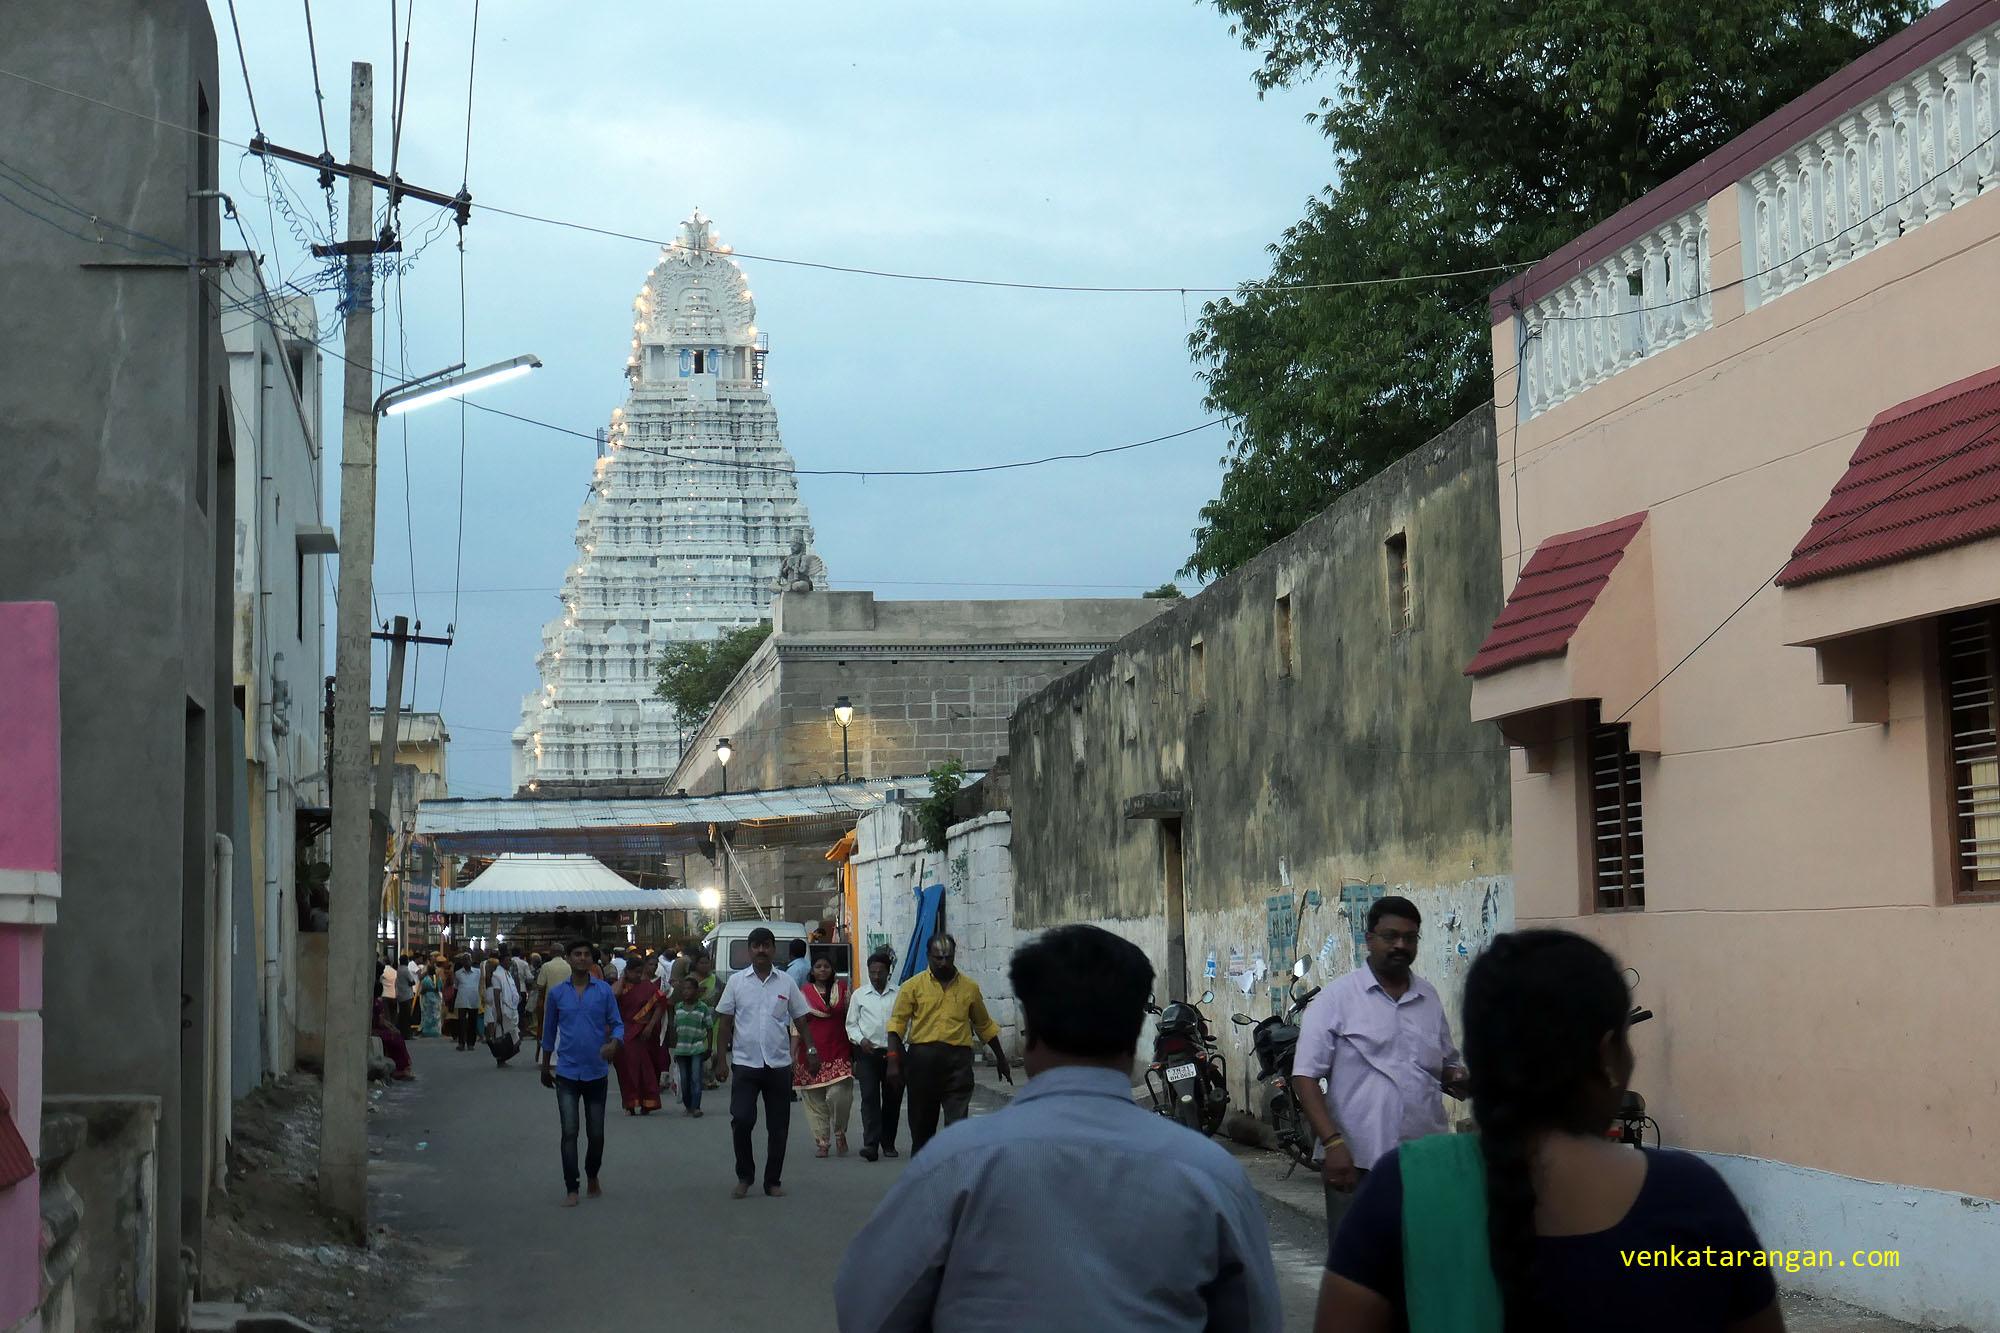 காஞ்சி ஸ்ரீவரதராஜ பெருமாள் - மேற்கு போபுரம்